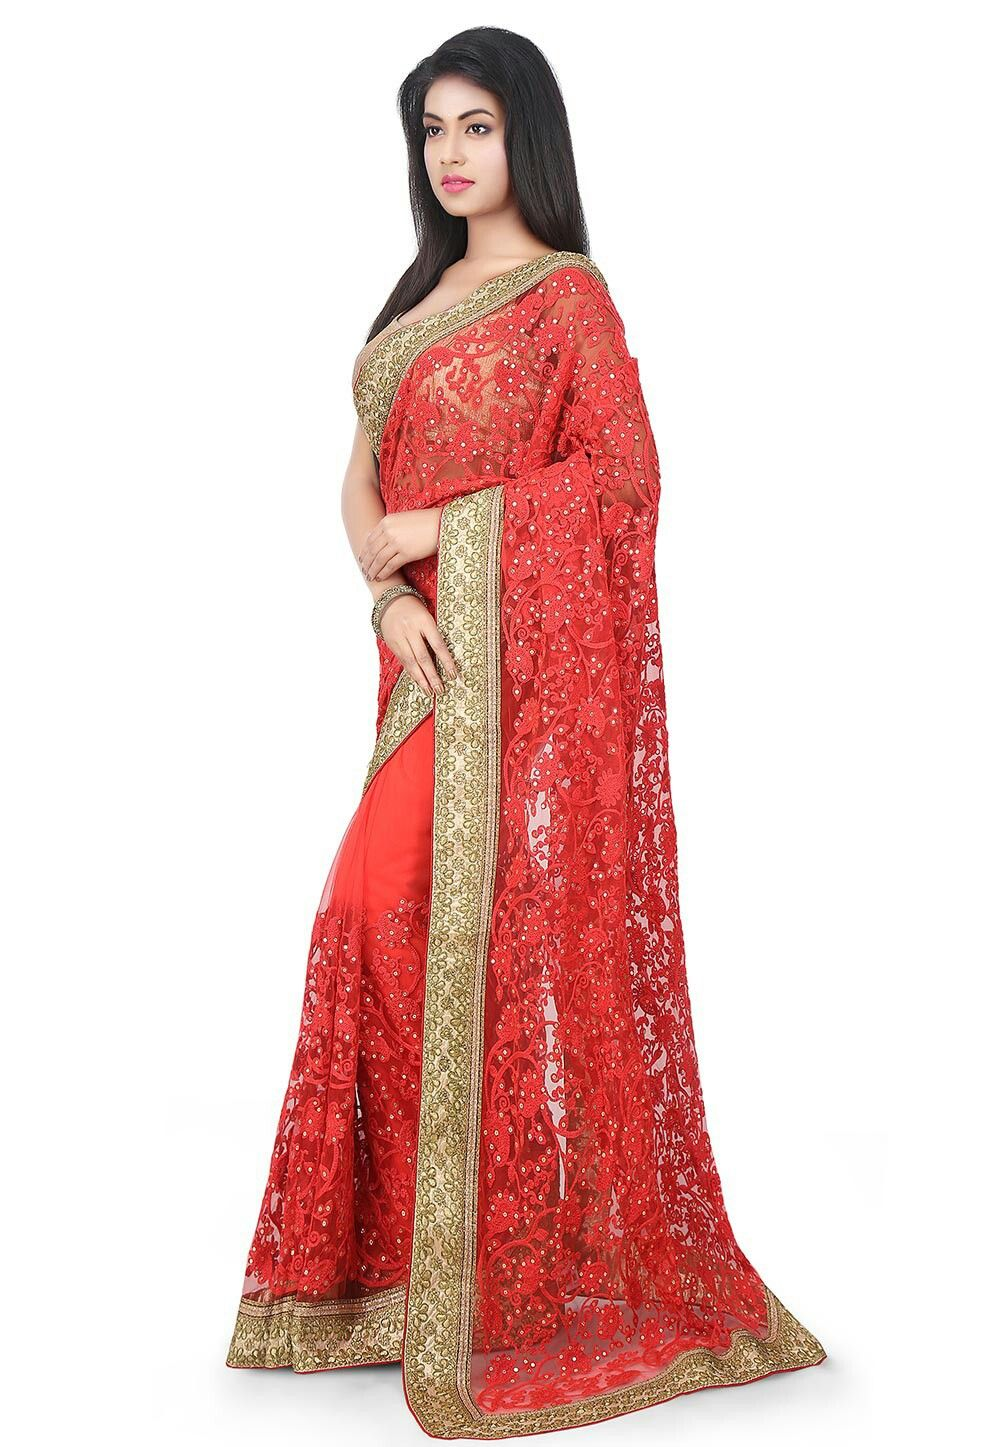 Sari wedding dress  Pin by Shashi Kamal Chakraborty on Saree Beauties  Pinterest  Saree